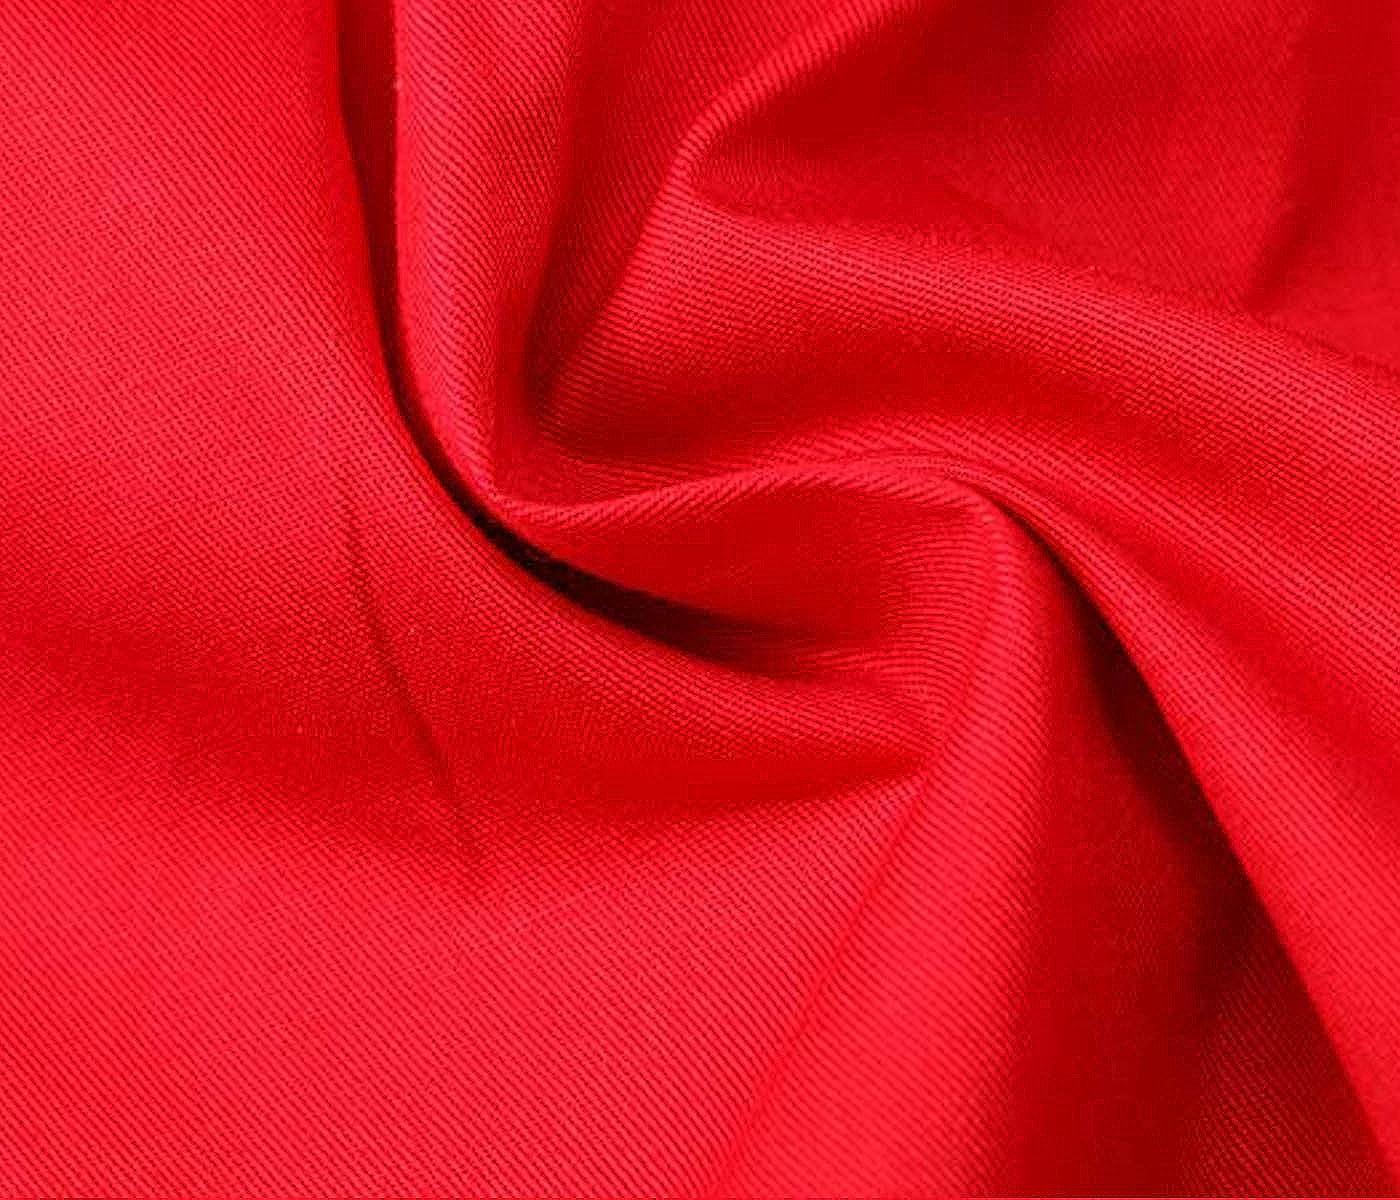 Maxhugoo Girls Chino Cotton Trench Coat